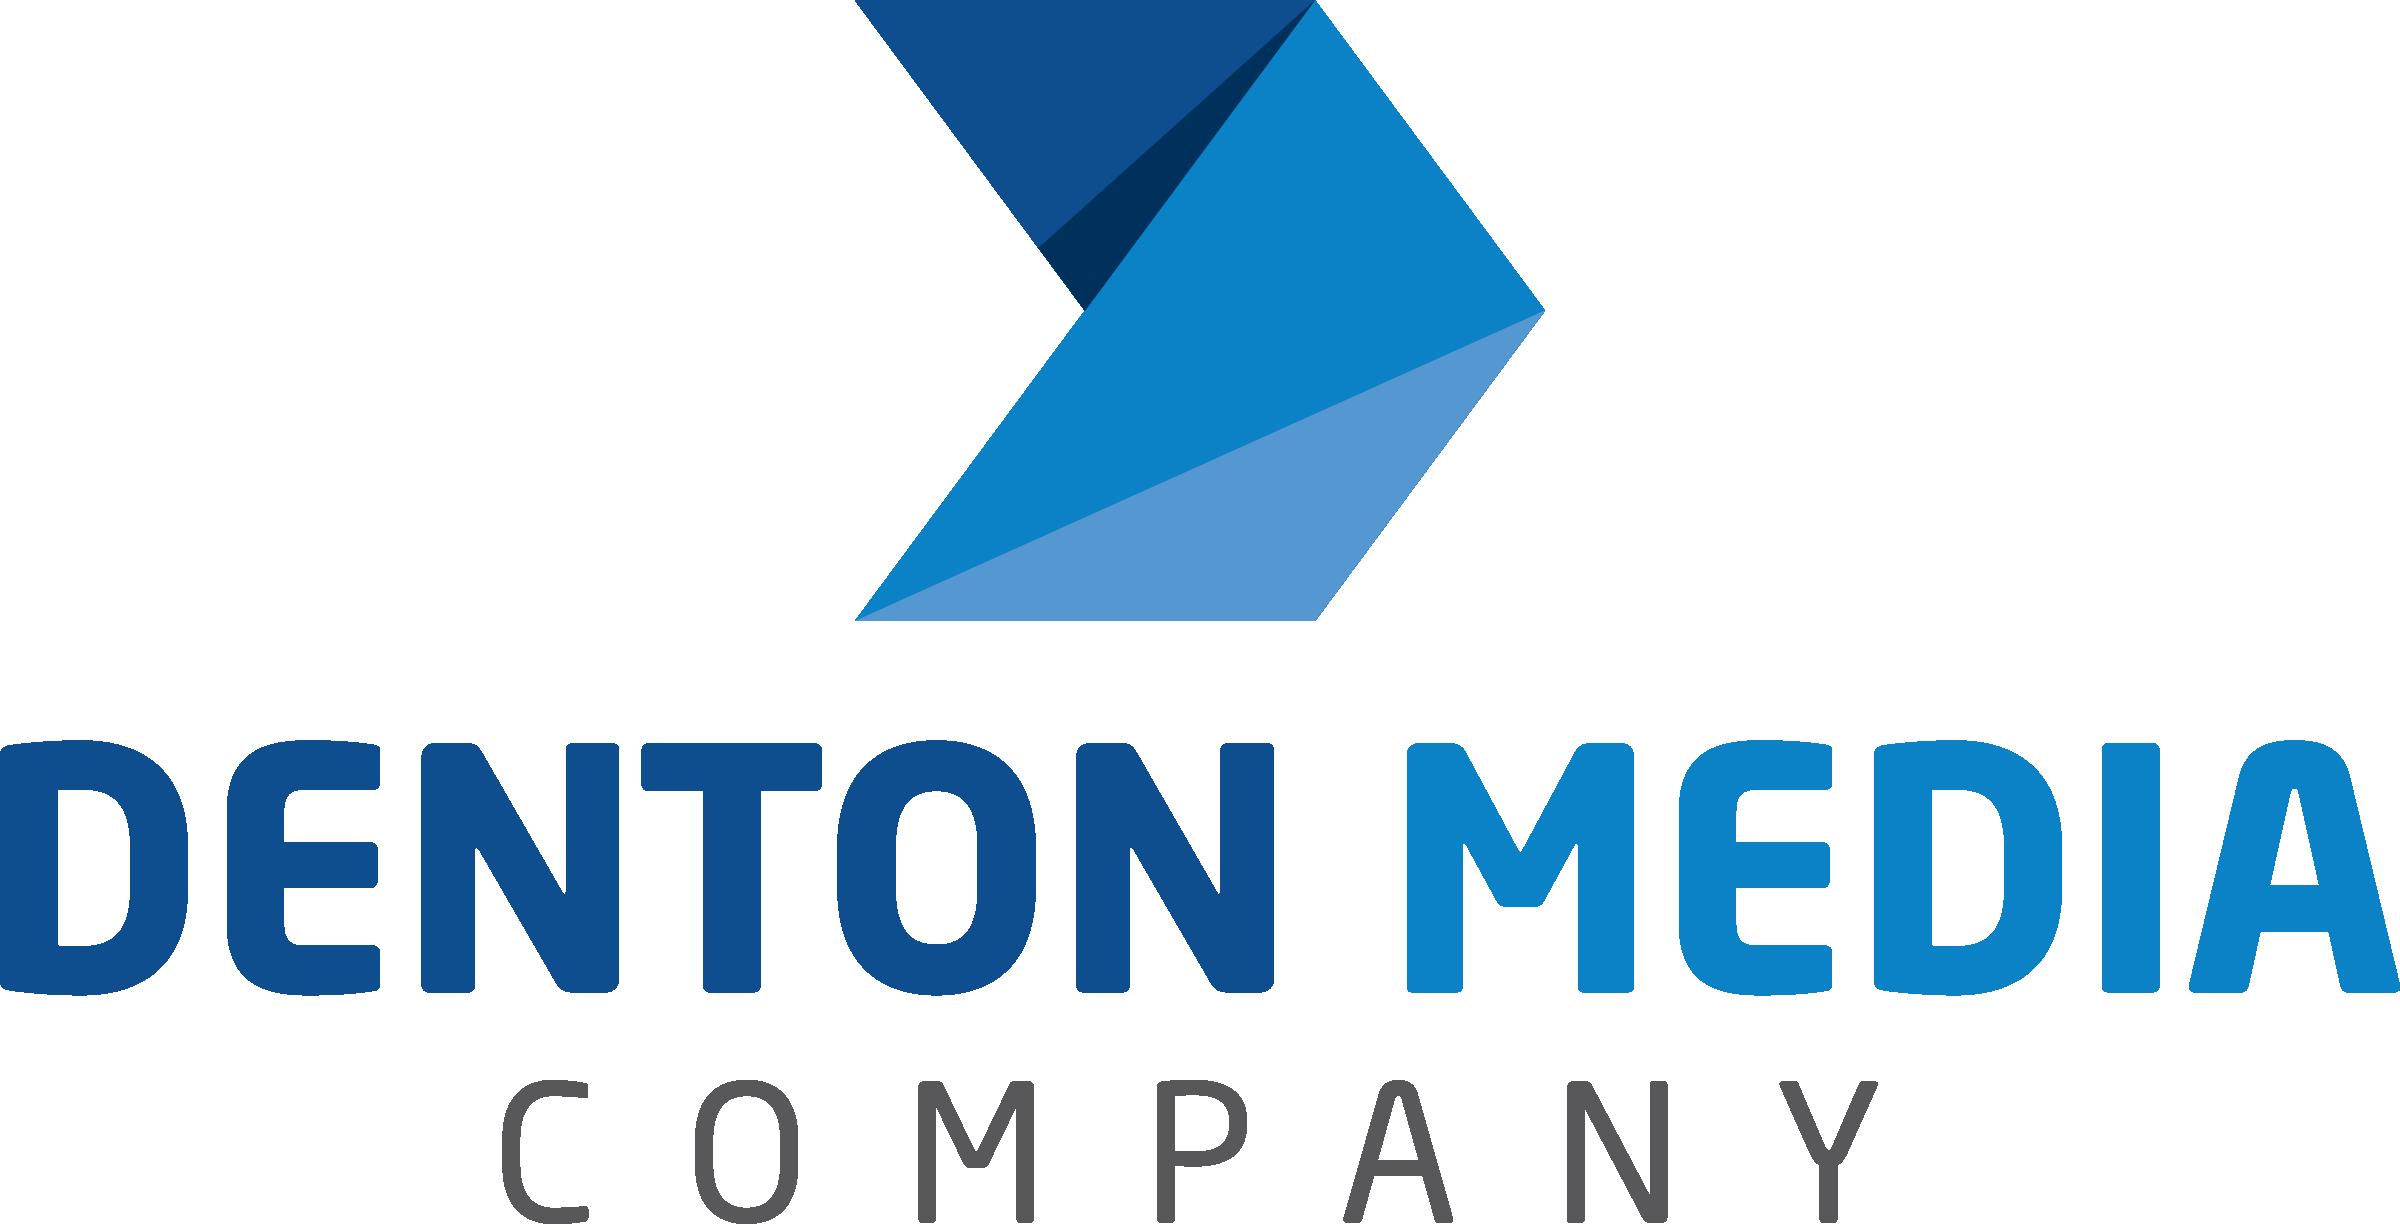 Denton_Media_Company_Full_Clr 2018 (1).png